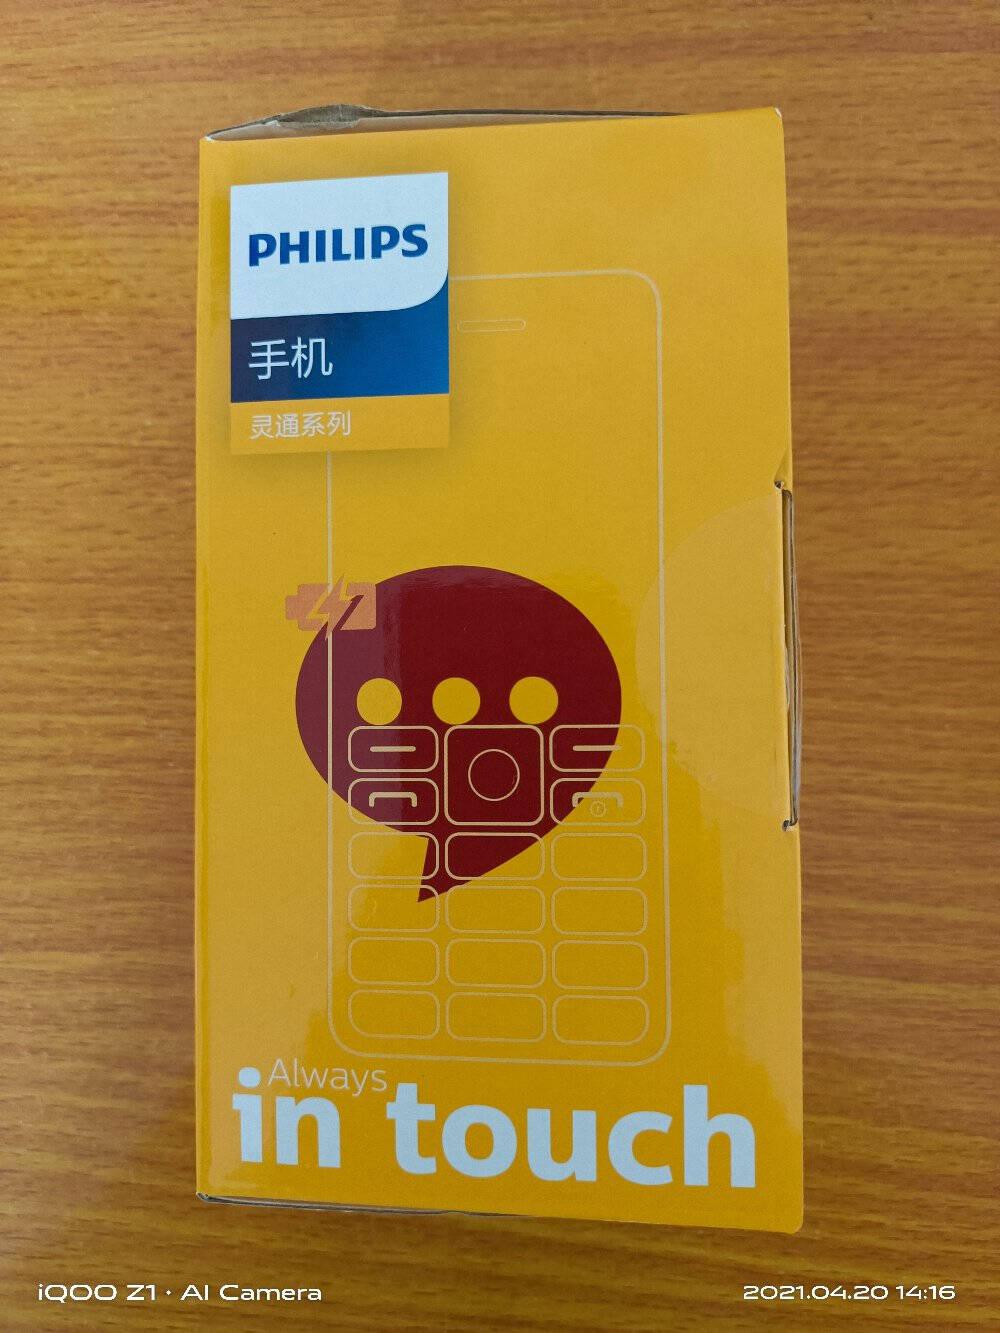 飞利浦(PHILIPS)E506宝石蓝老人手机移动联通电信三网4G直板按键儿童学生商务备用功能机4G老年手机